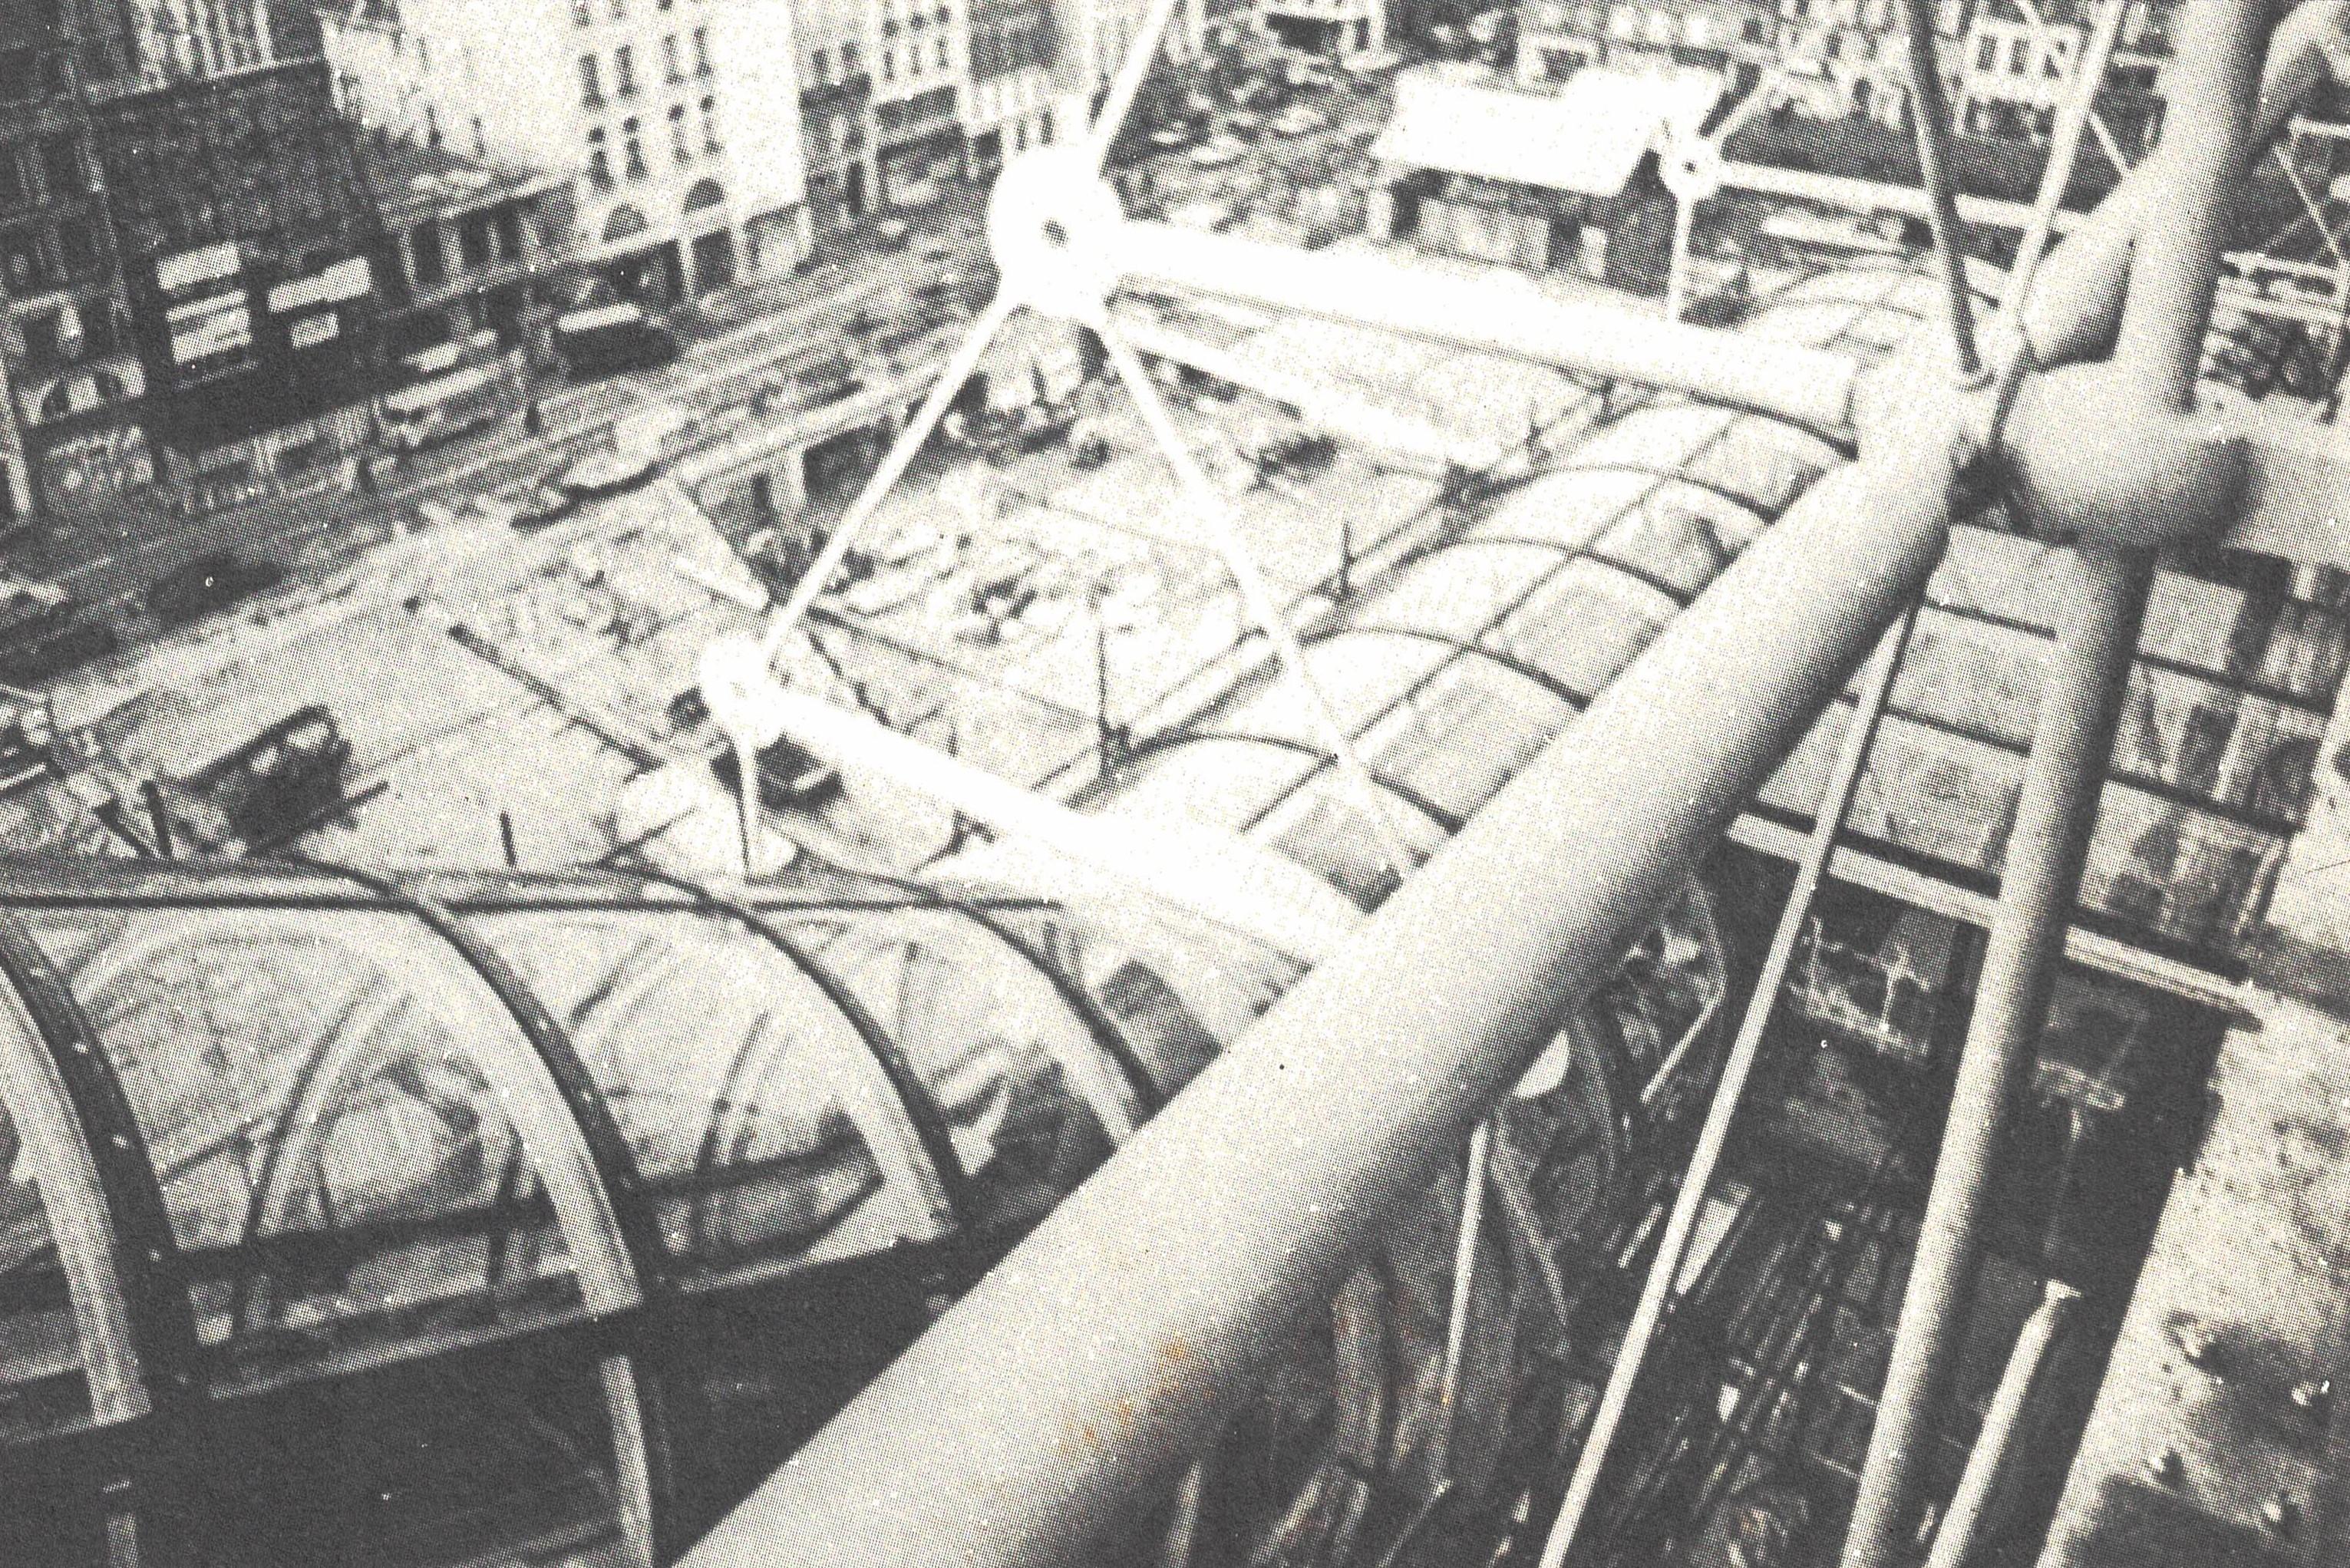 Figura 16. Rogers e Piano, Detalhe dos tubos externos de circulação, Beaubourg